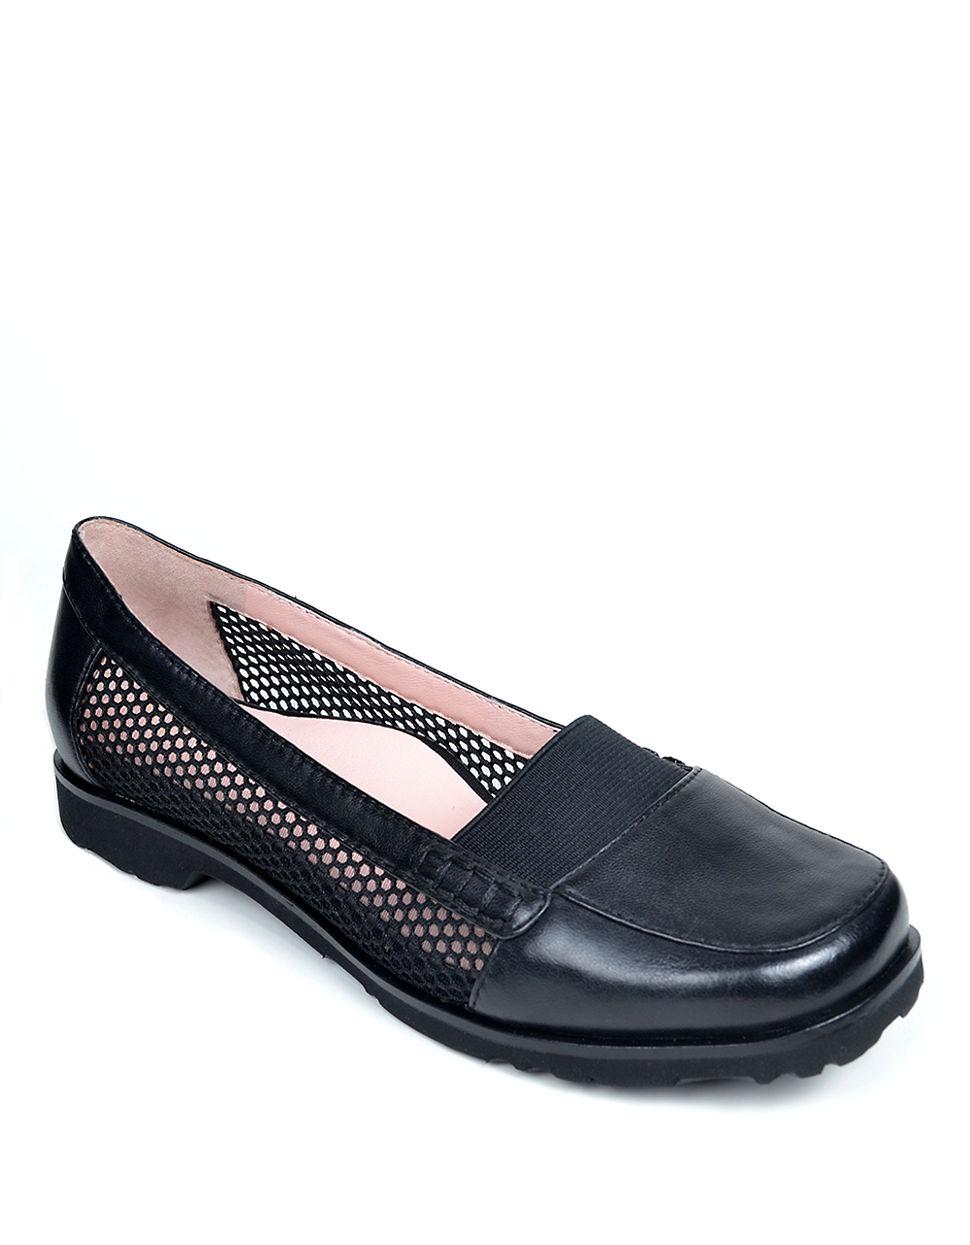 Dansko Shoes True Size